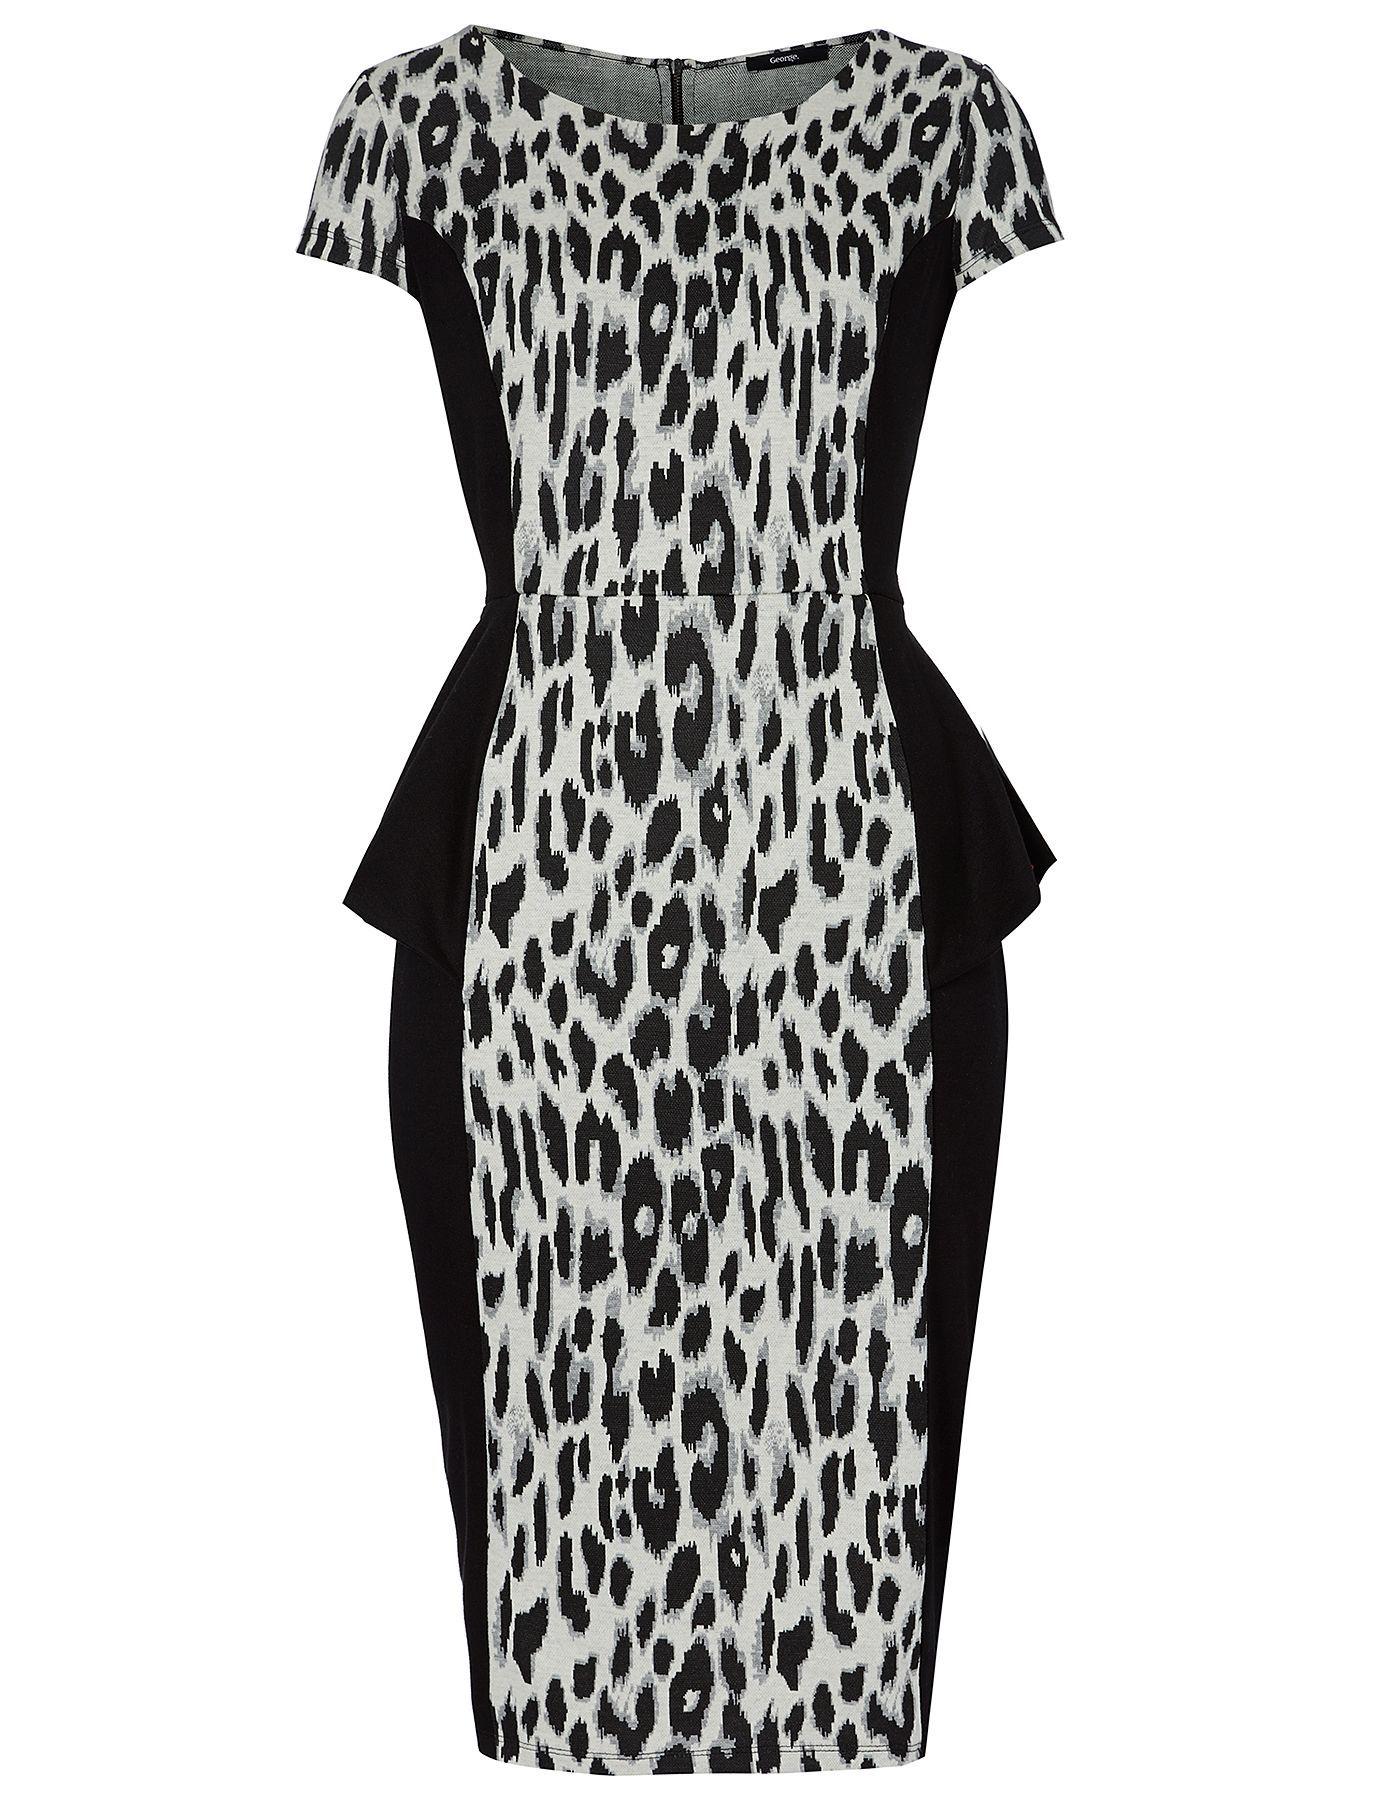 Pin von Debra Cadet-Wallace auf Fashion & Clothing: 21st Century ...